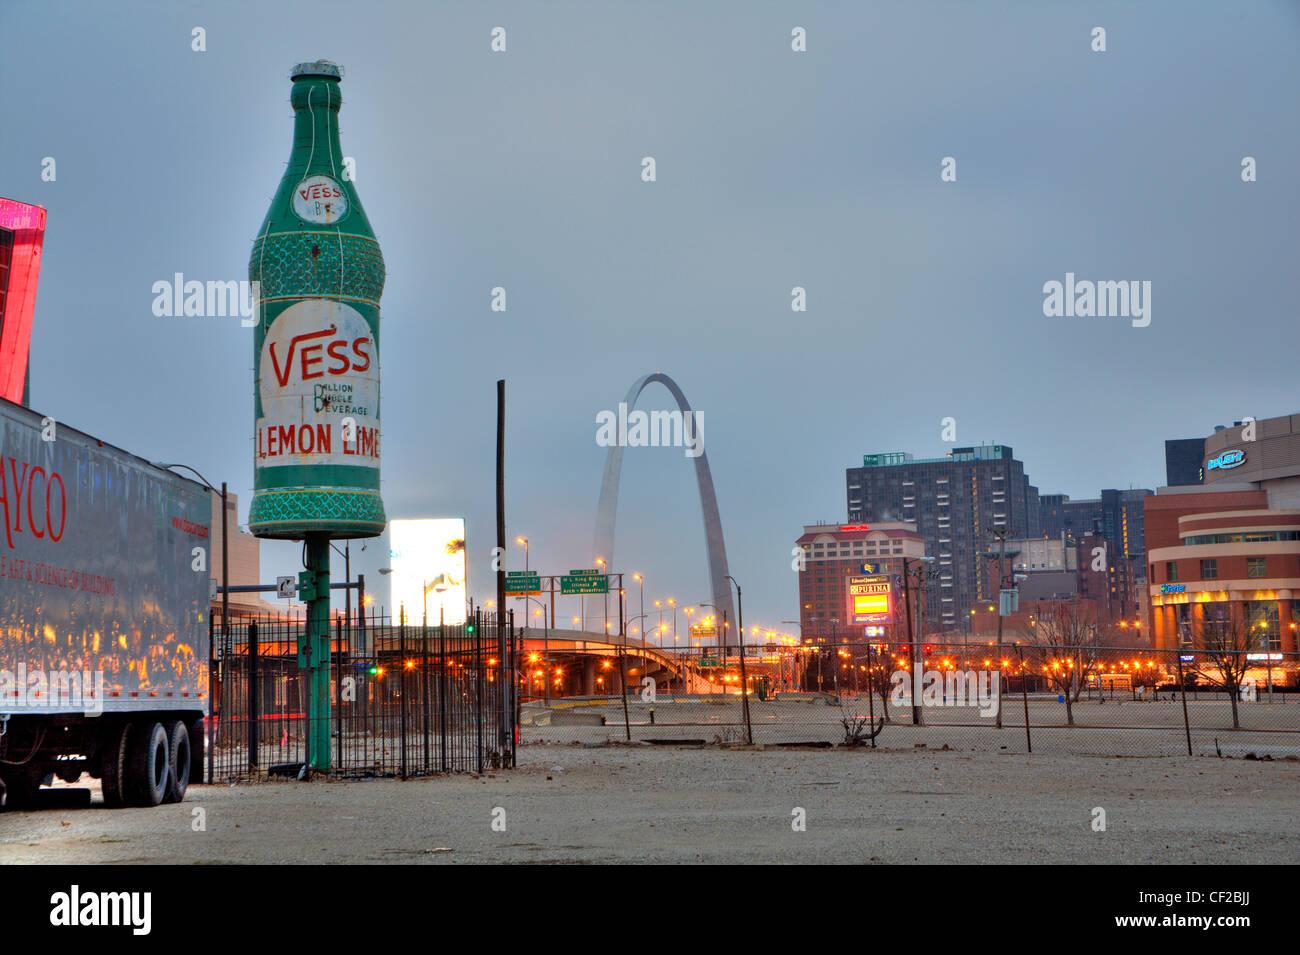 Vess gigante bottiglia di soda a St. Louis, Missouri Immagini Stock